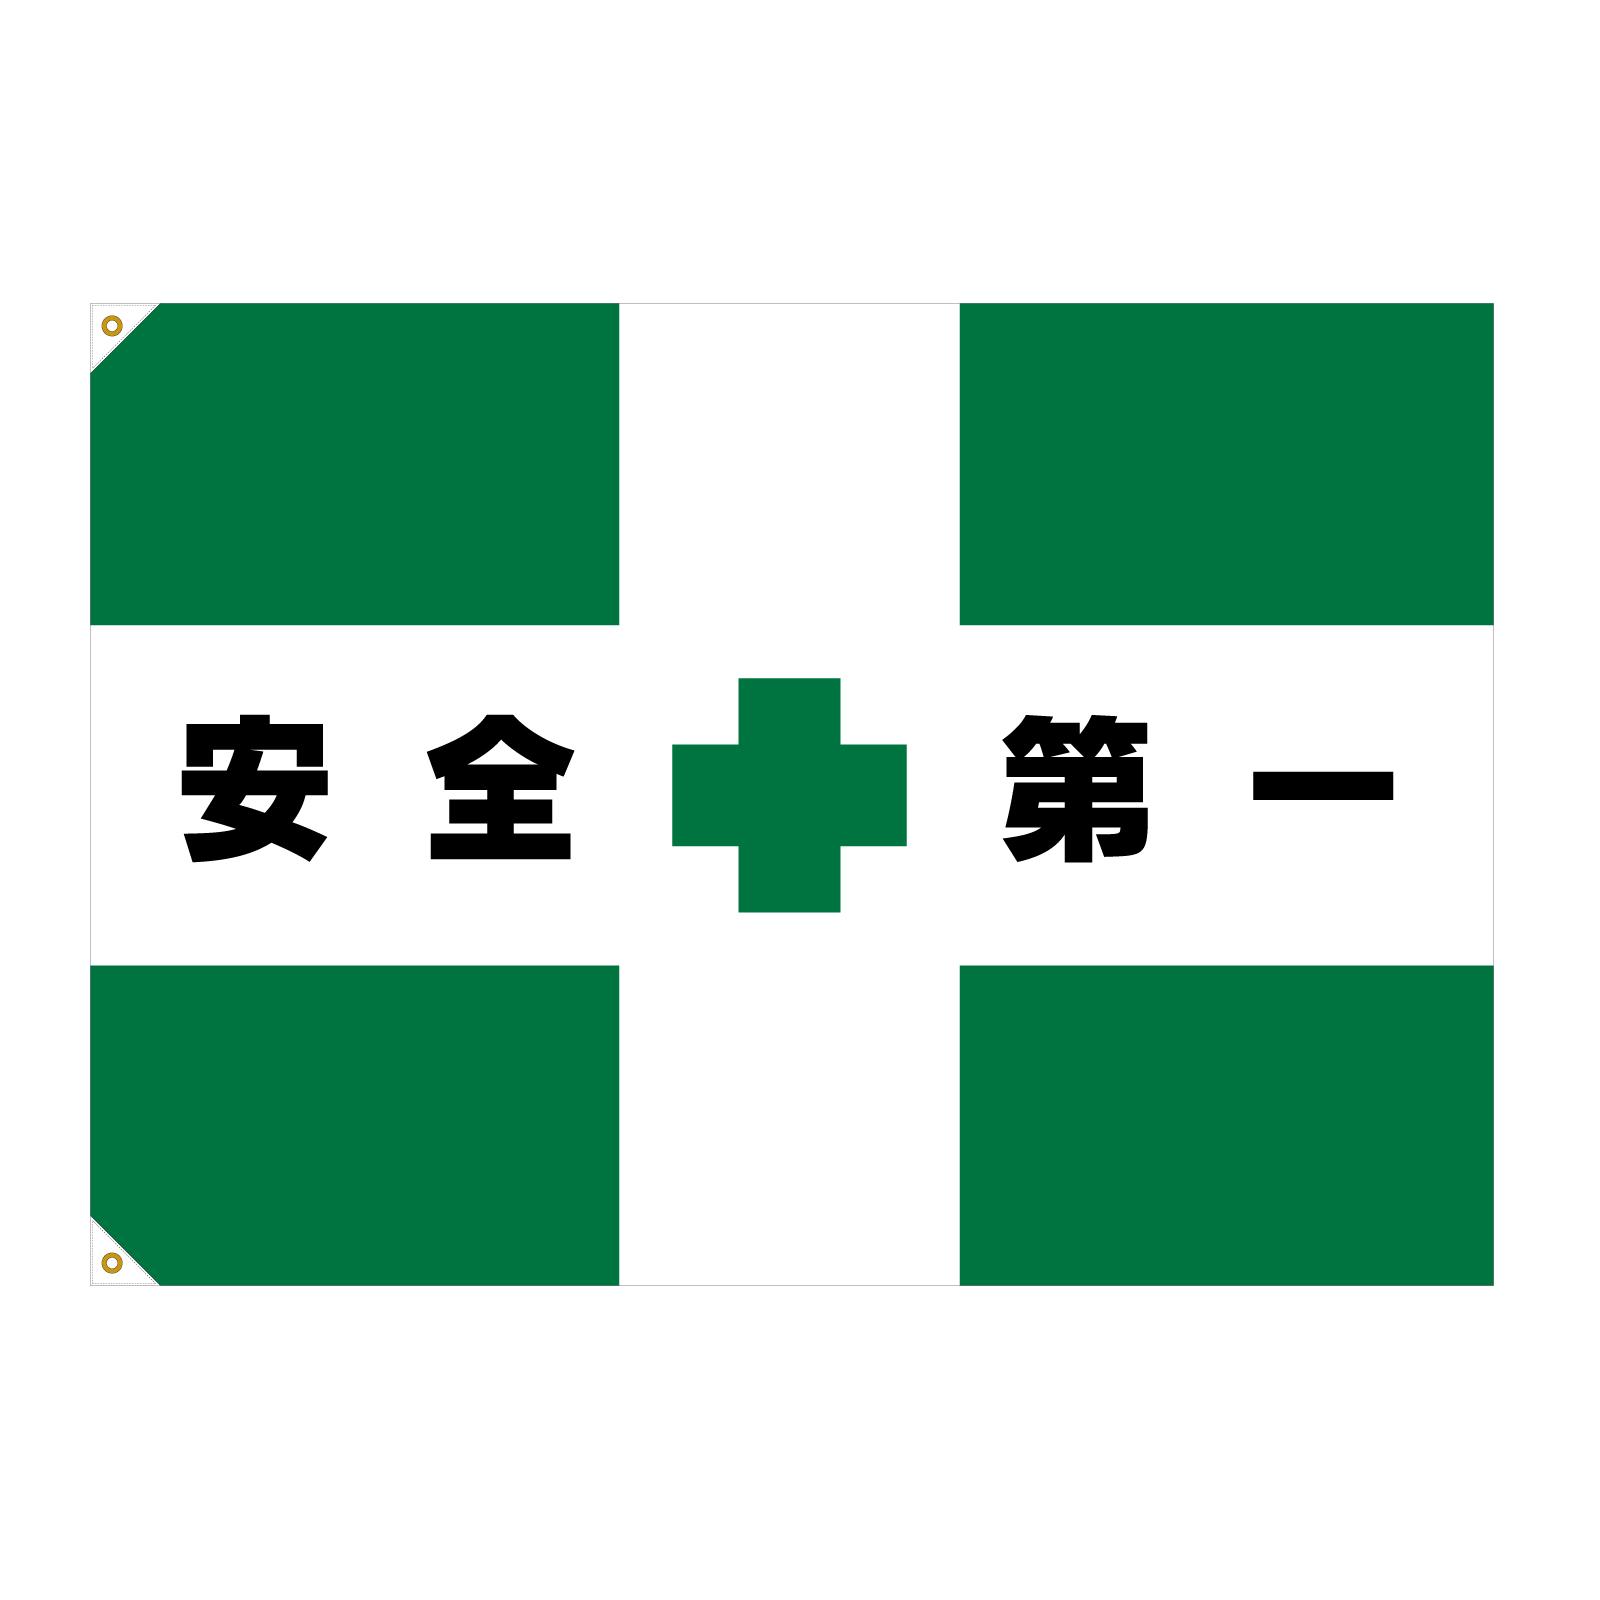 安全第一の旗